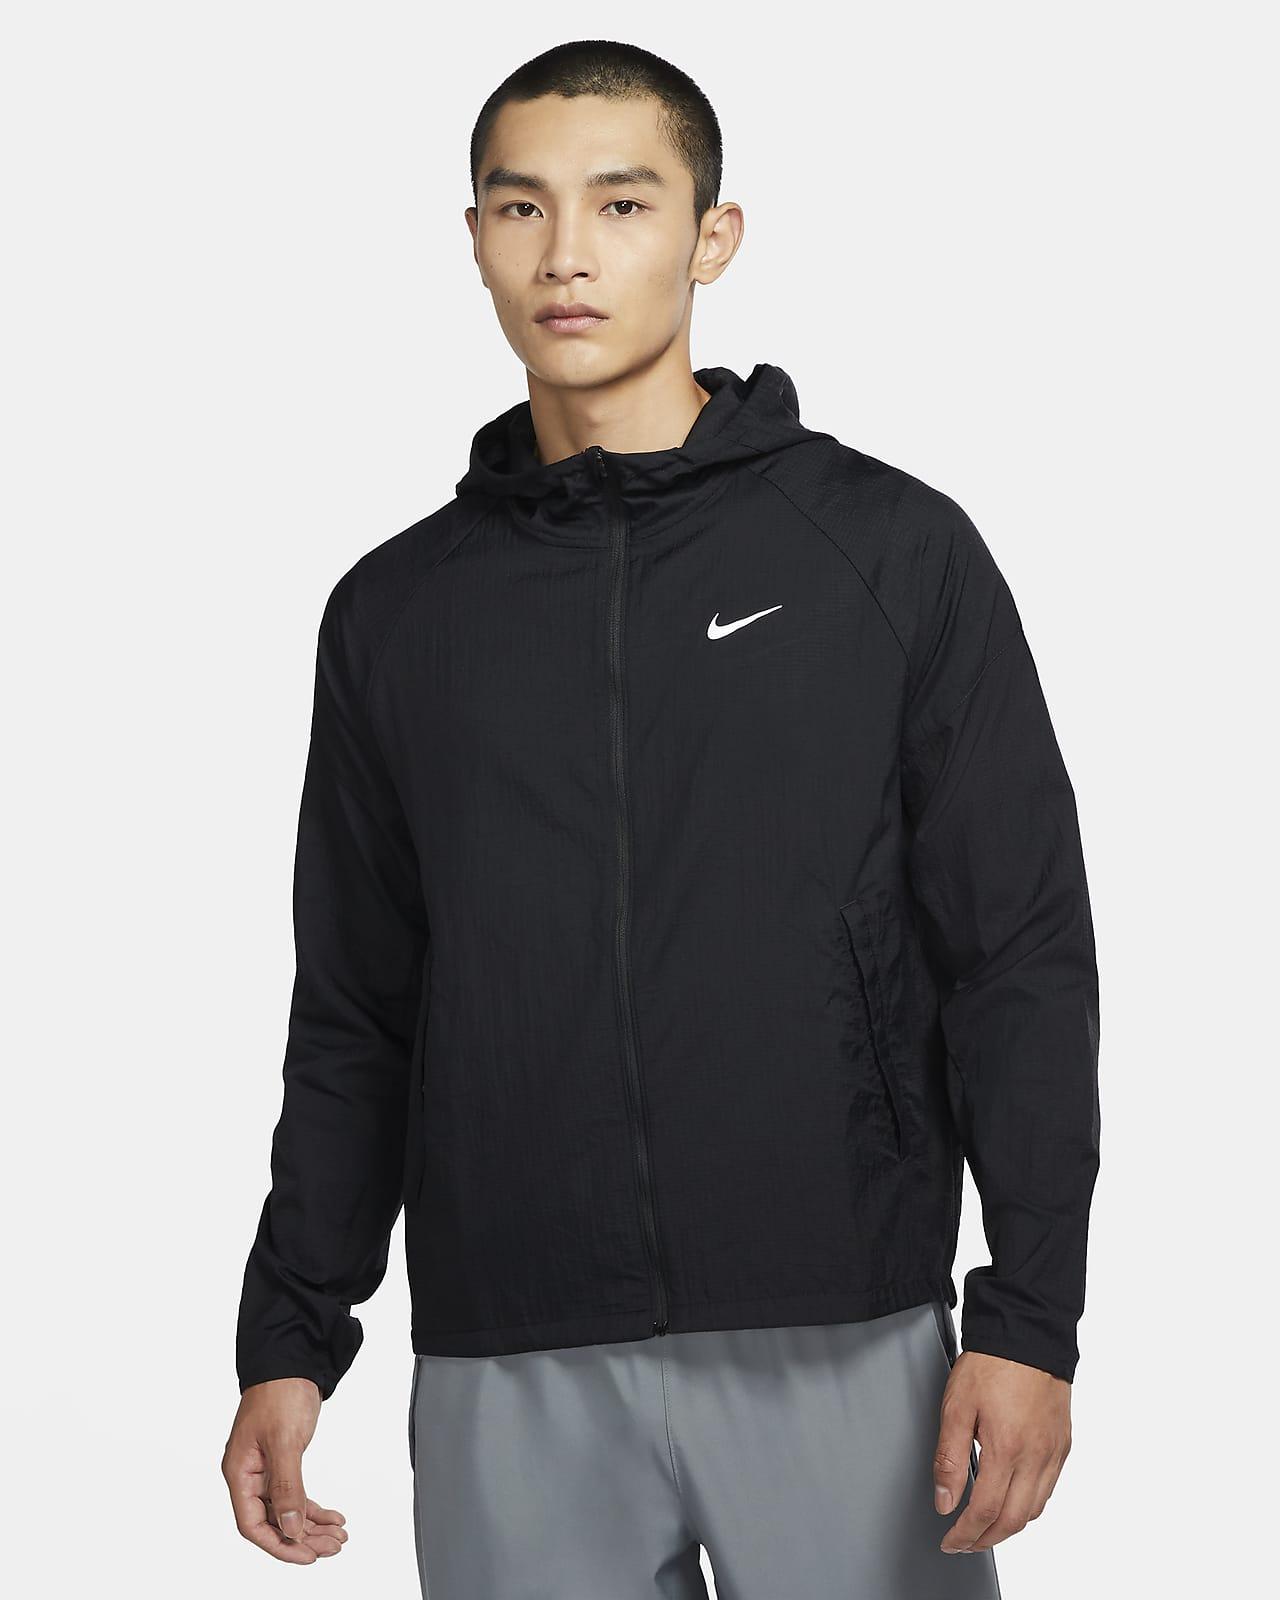 เสื้อแจ็คเก็ตวิ่งผู้ชาย Nike Essential